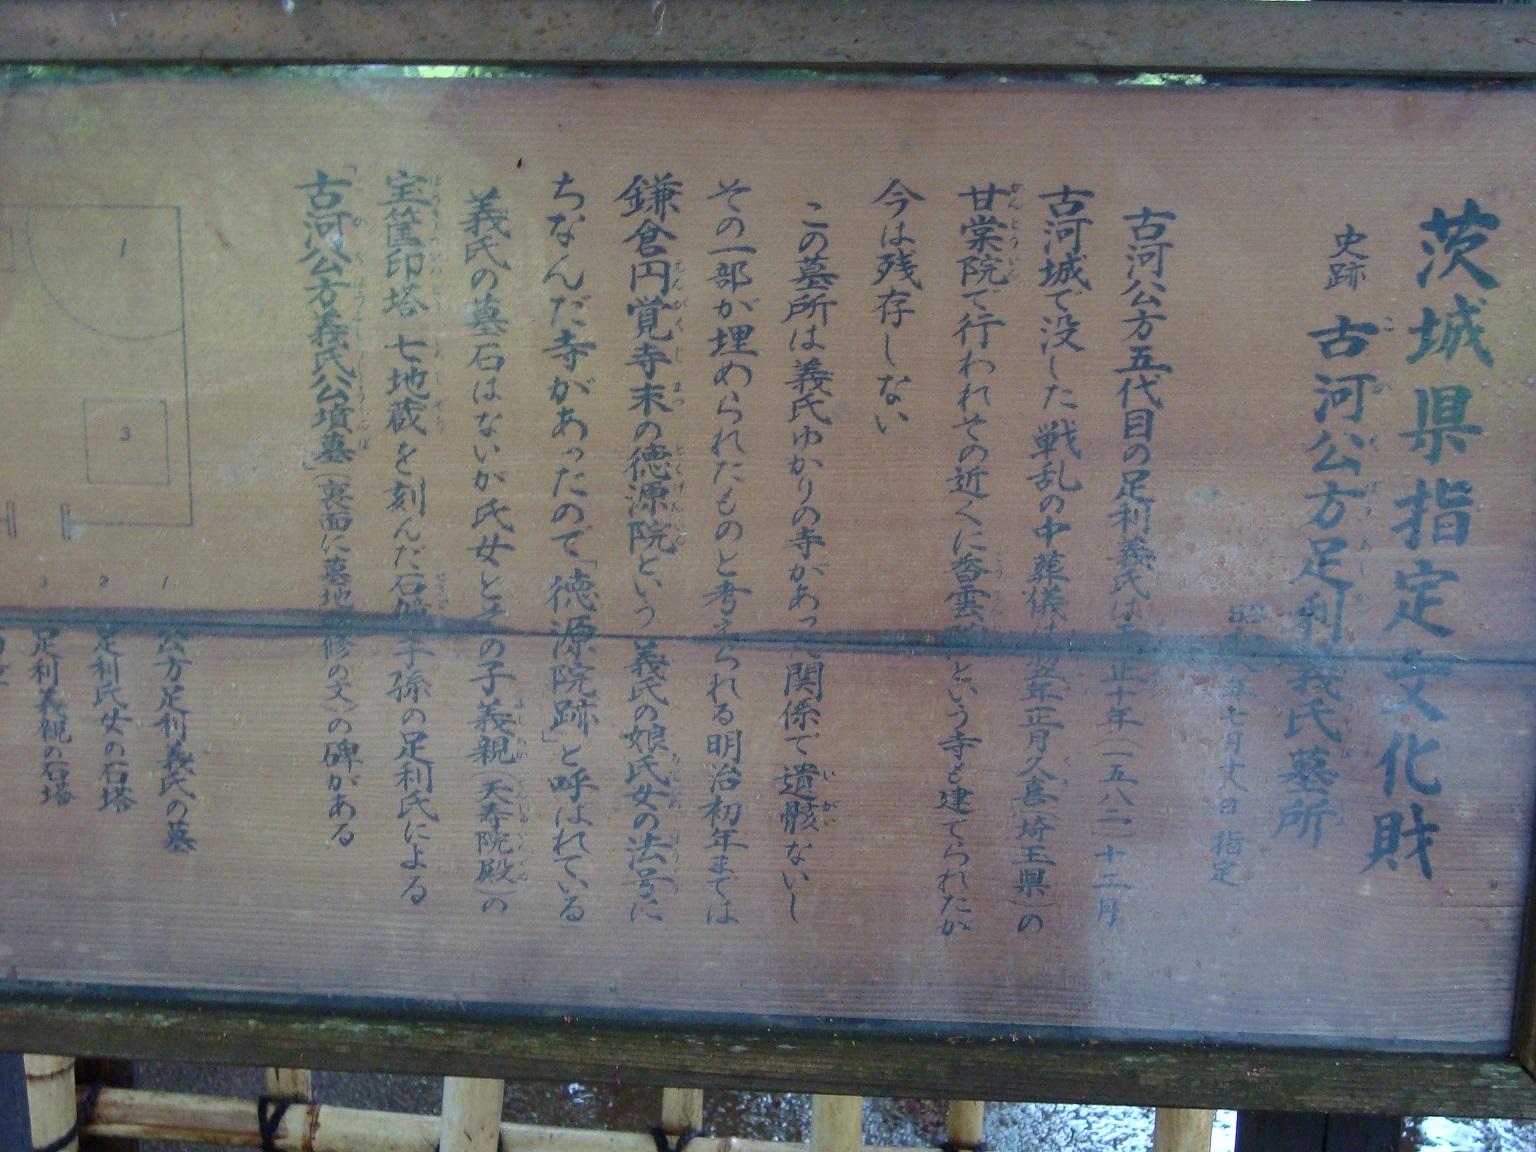 古河城:古河公方足利家の居城 古河城【お城特集 日本の歴史】